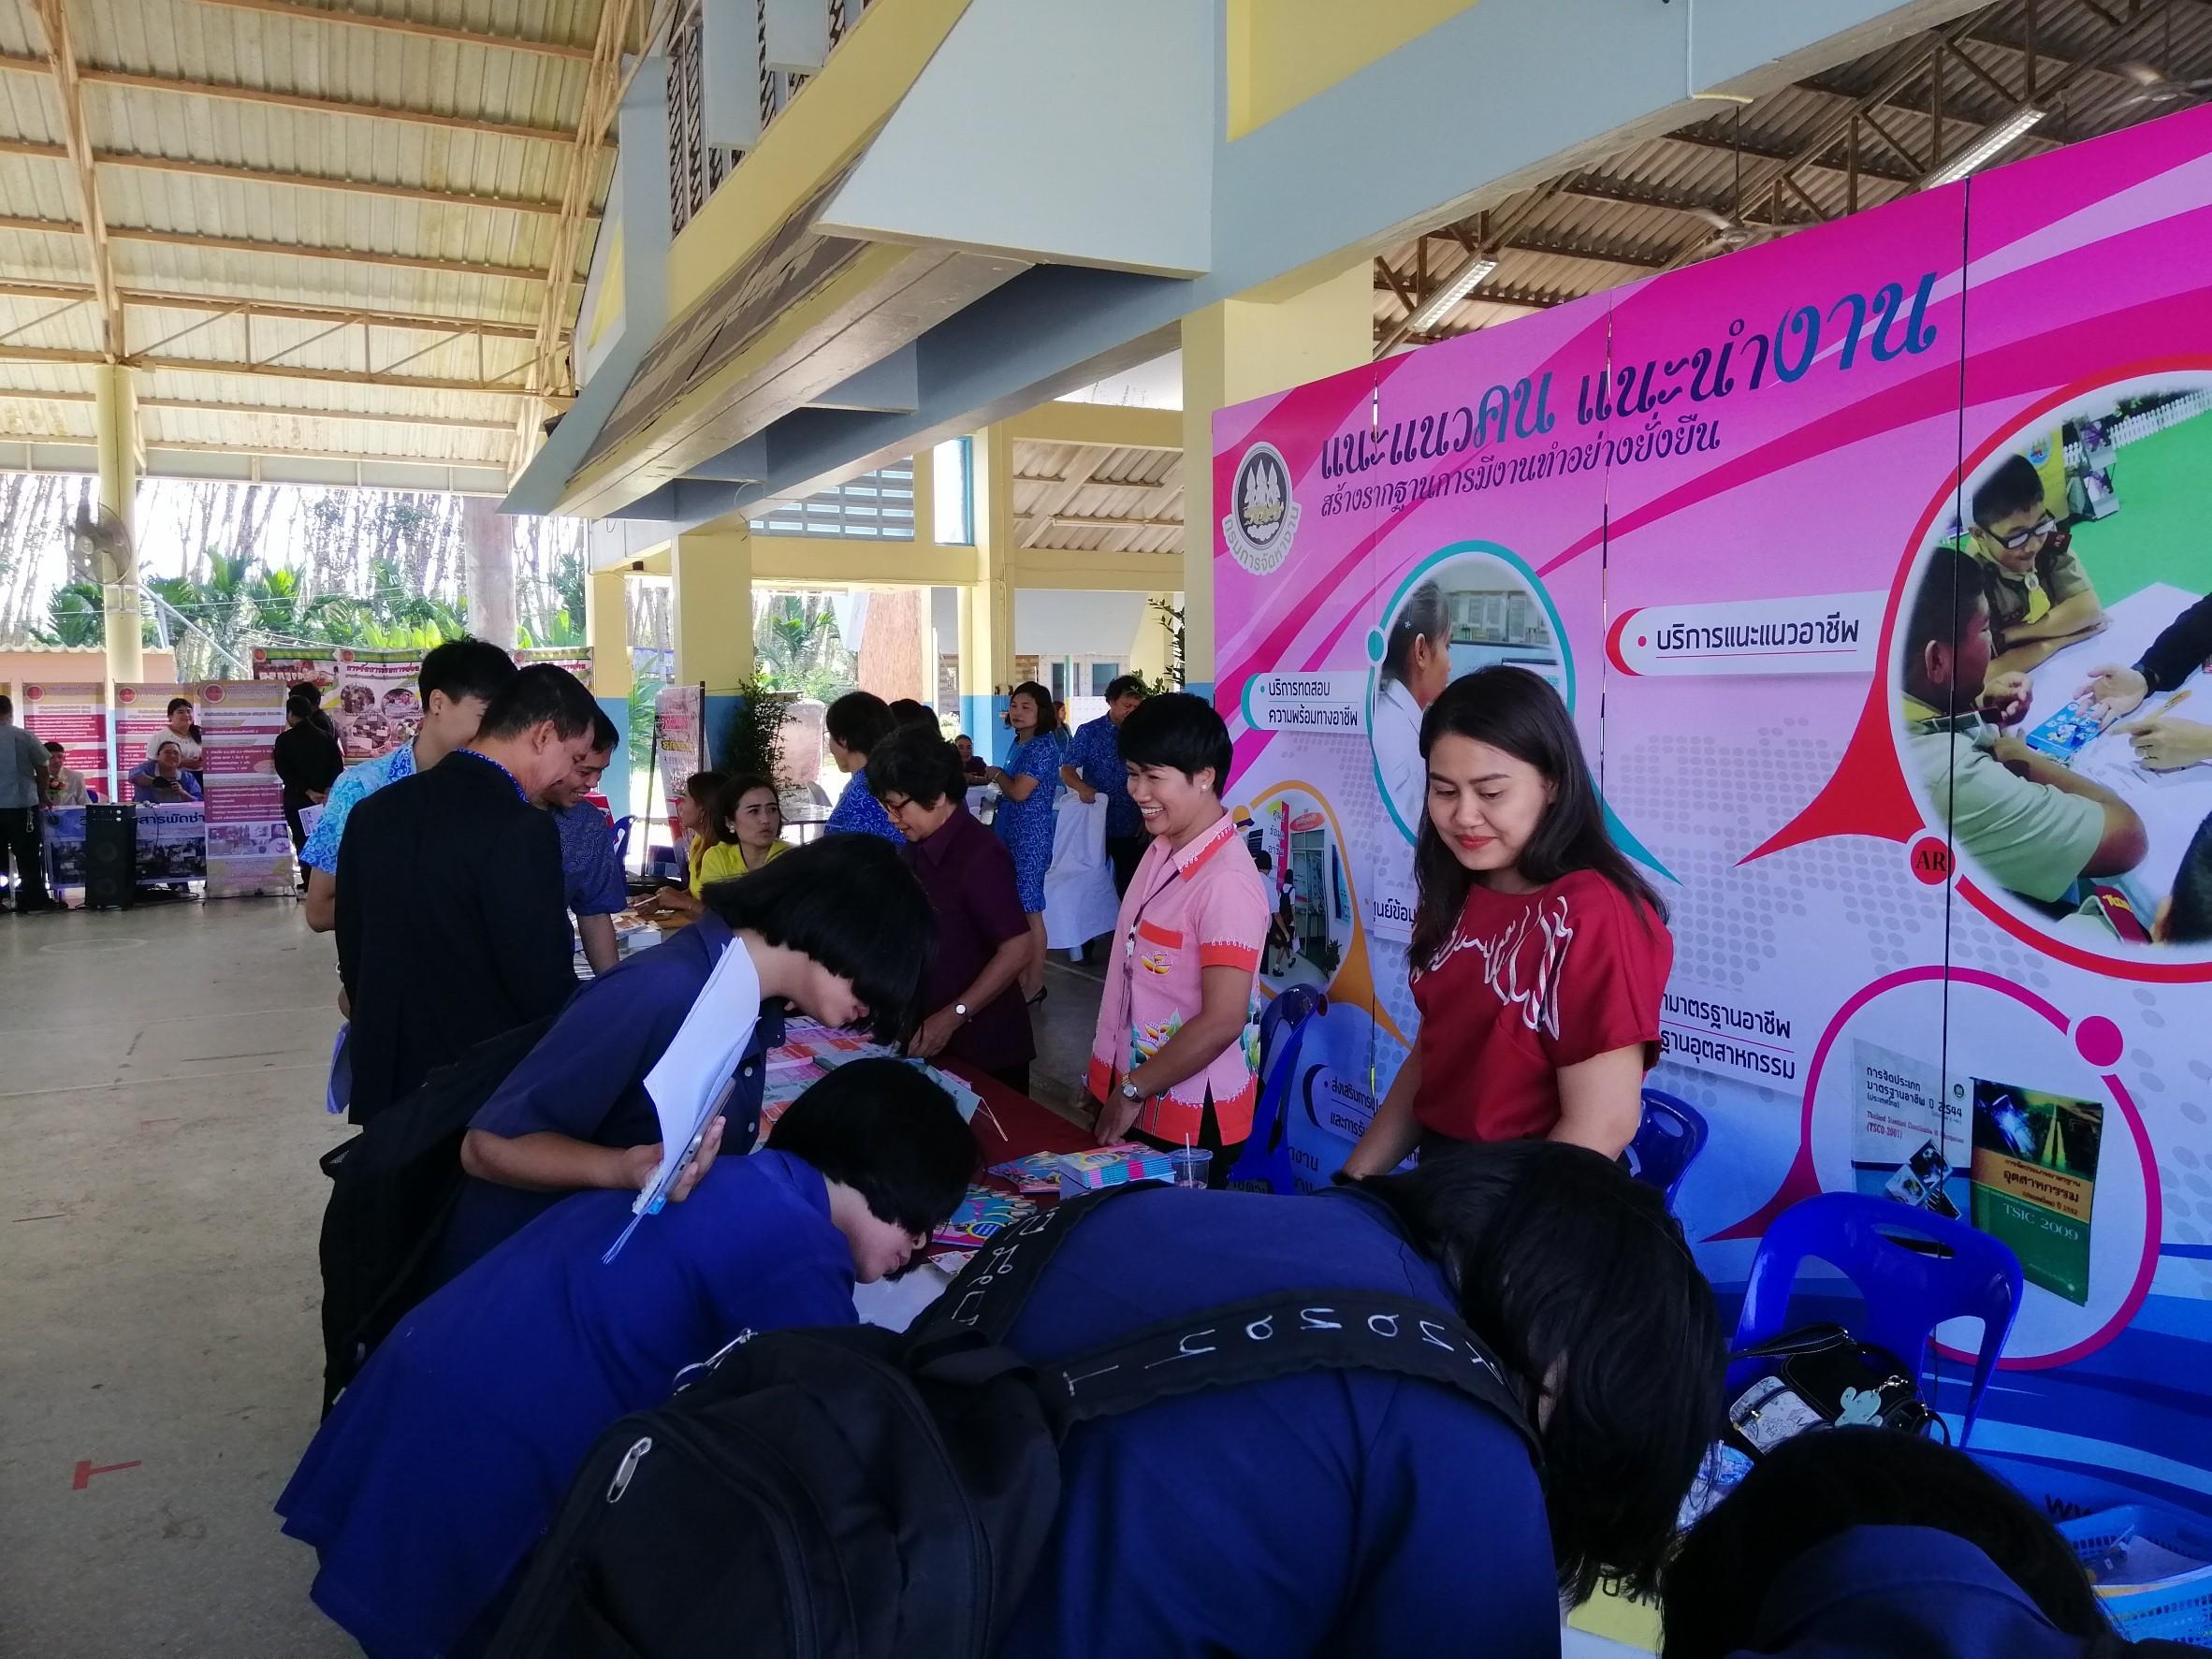 เข้าร่วมจัดนิทรรศการกิจกรรมแนะแนวการศึกษาและอาชีพ ณ อาคารอเนกประสงค์  โรงเรียนเหนือคลองประชาบำรุง